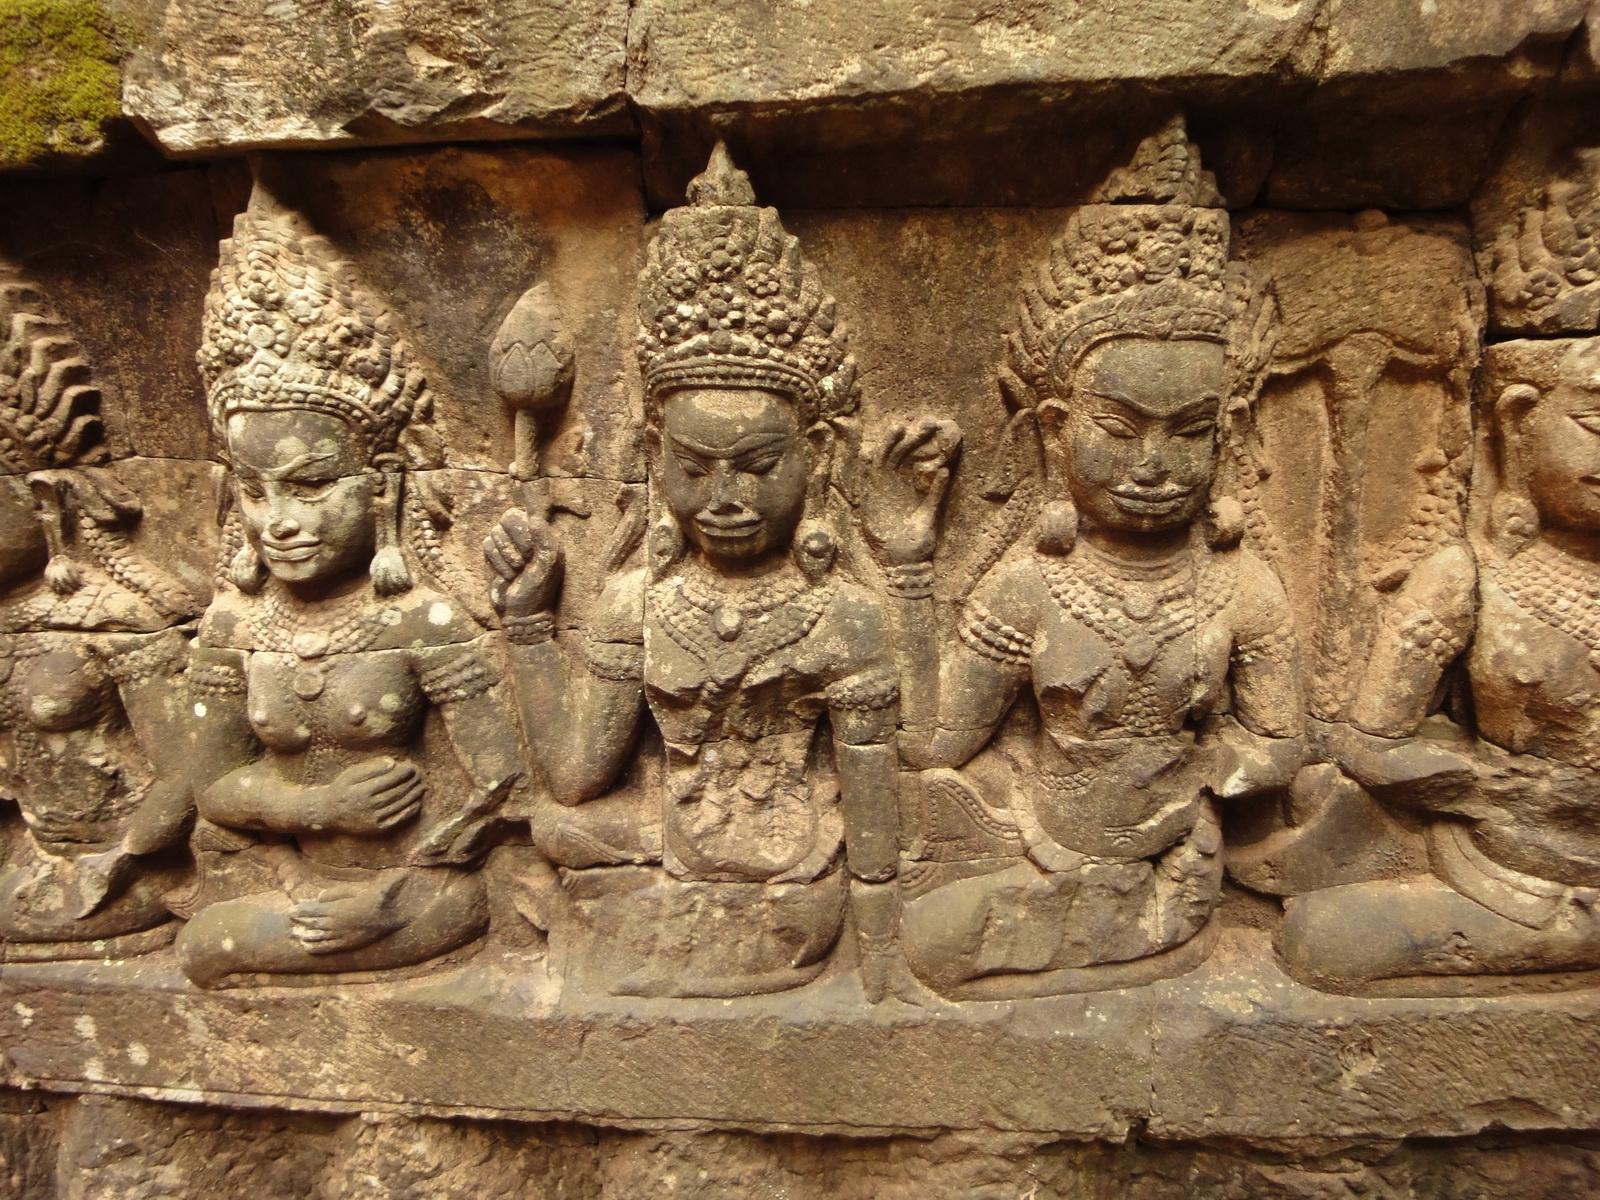 Leper King Terrace hidden wall underworld Nagas and deities 100